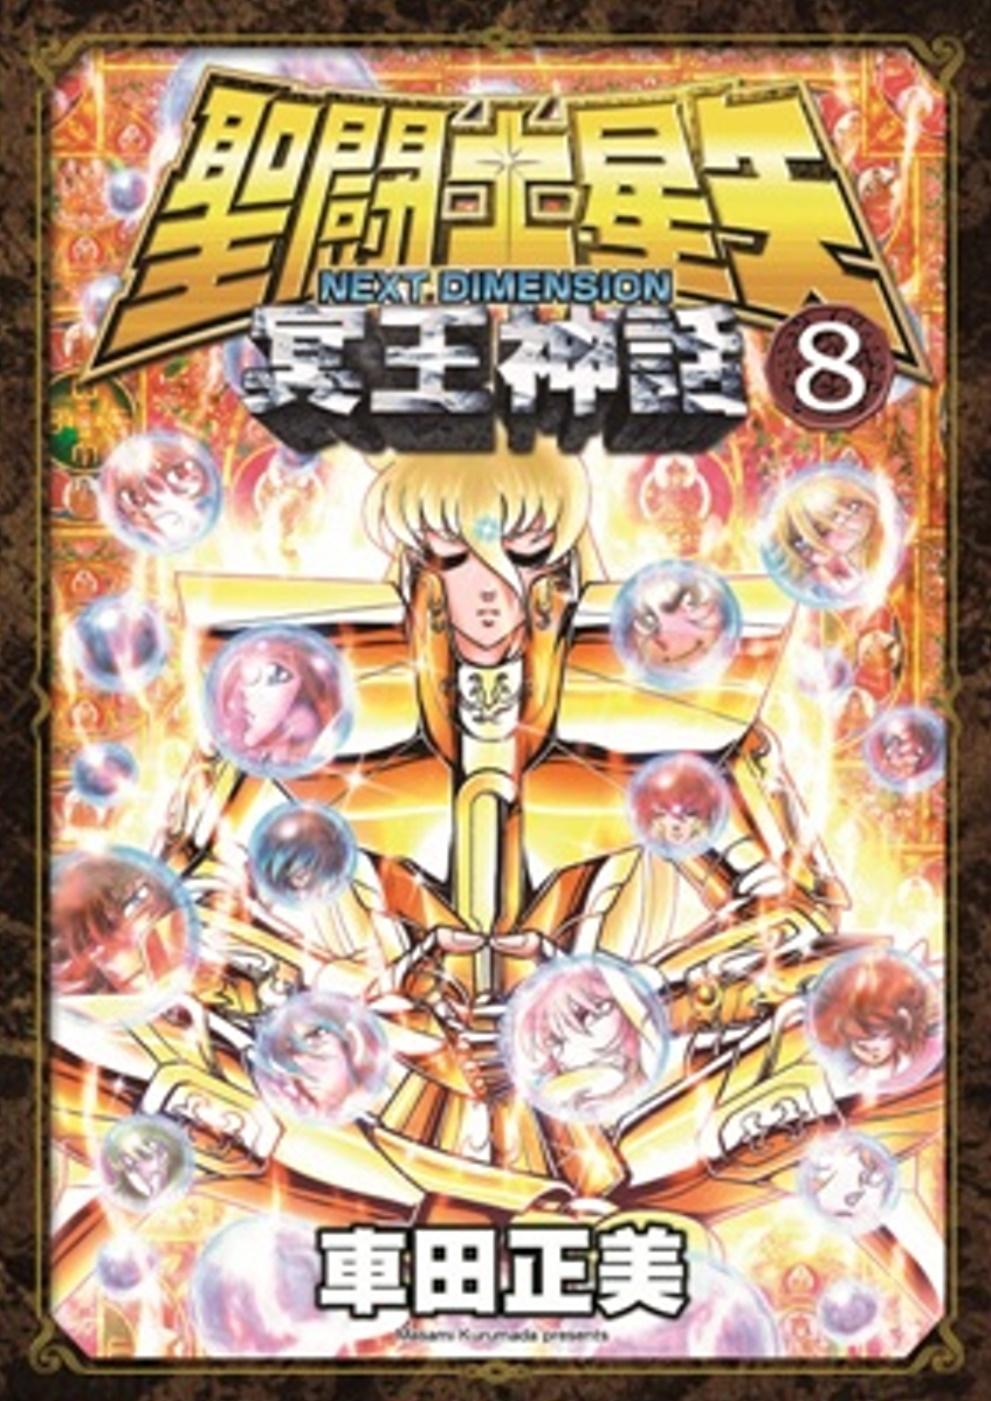 聖闘士星矢NEXT DIMENSION冥王神話^(08^)